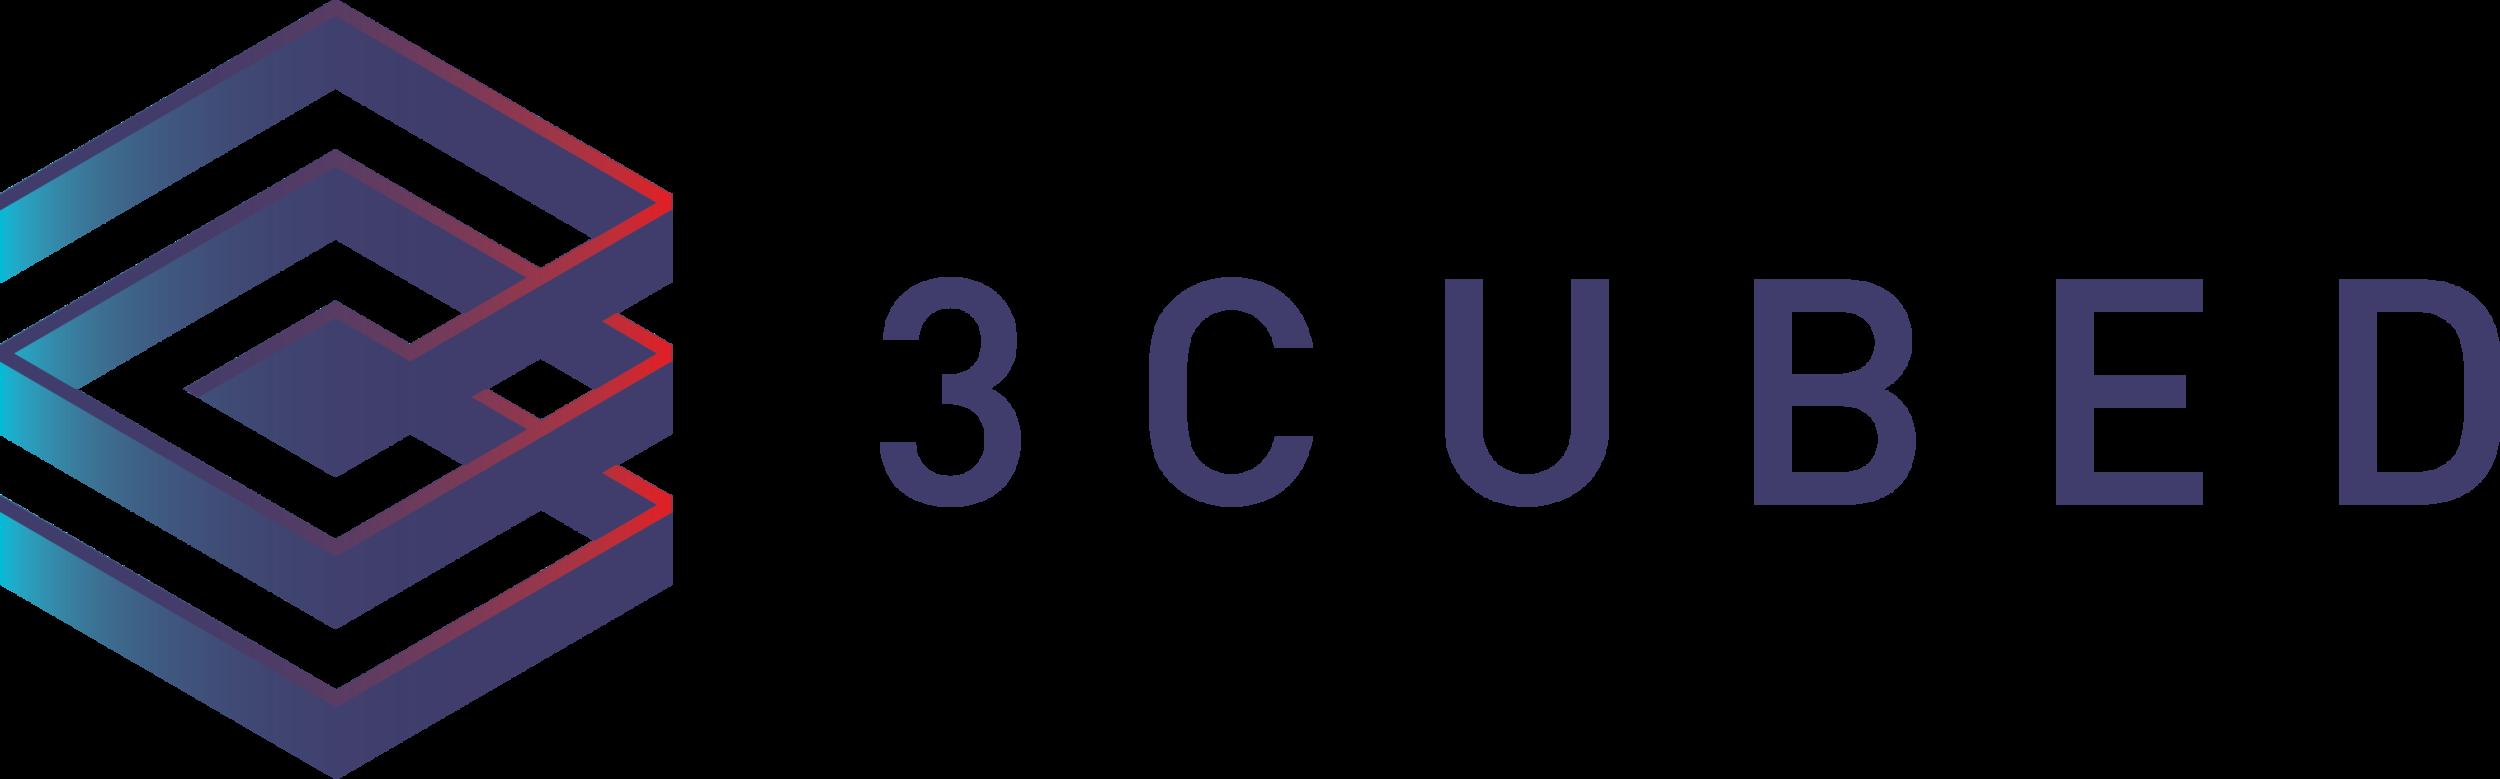 3cubed-logo.png